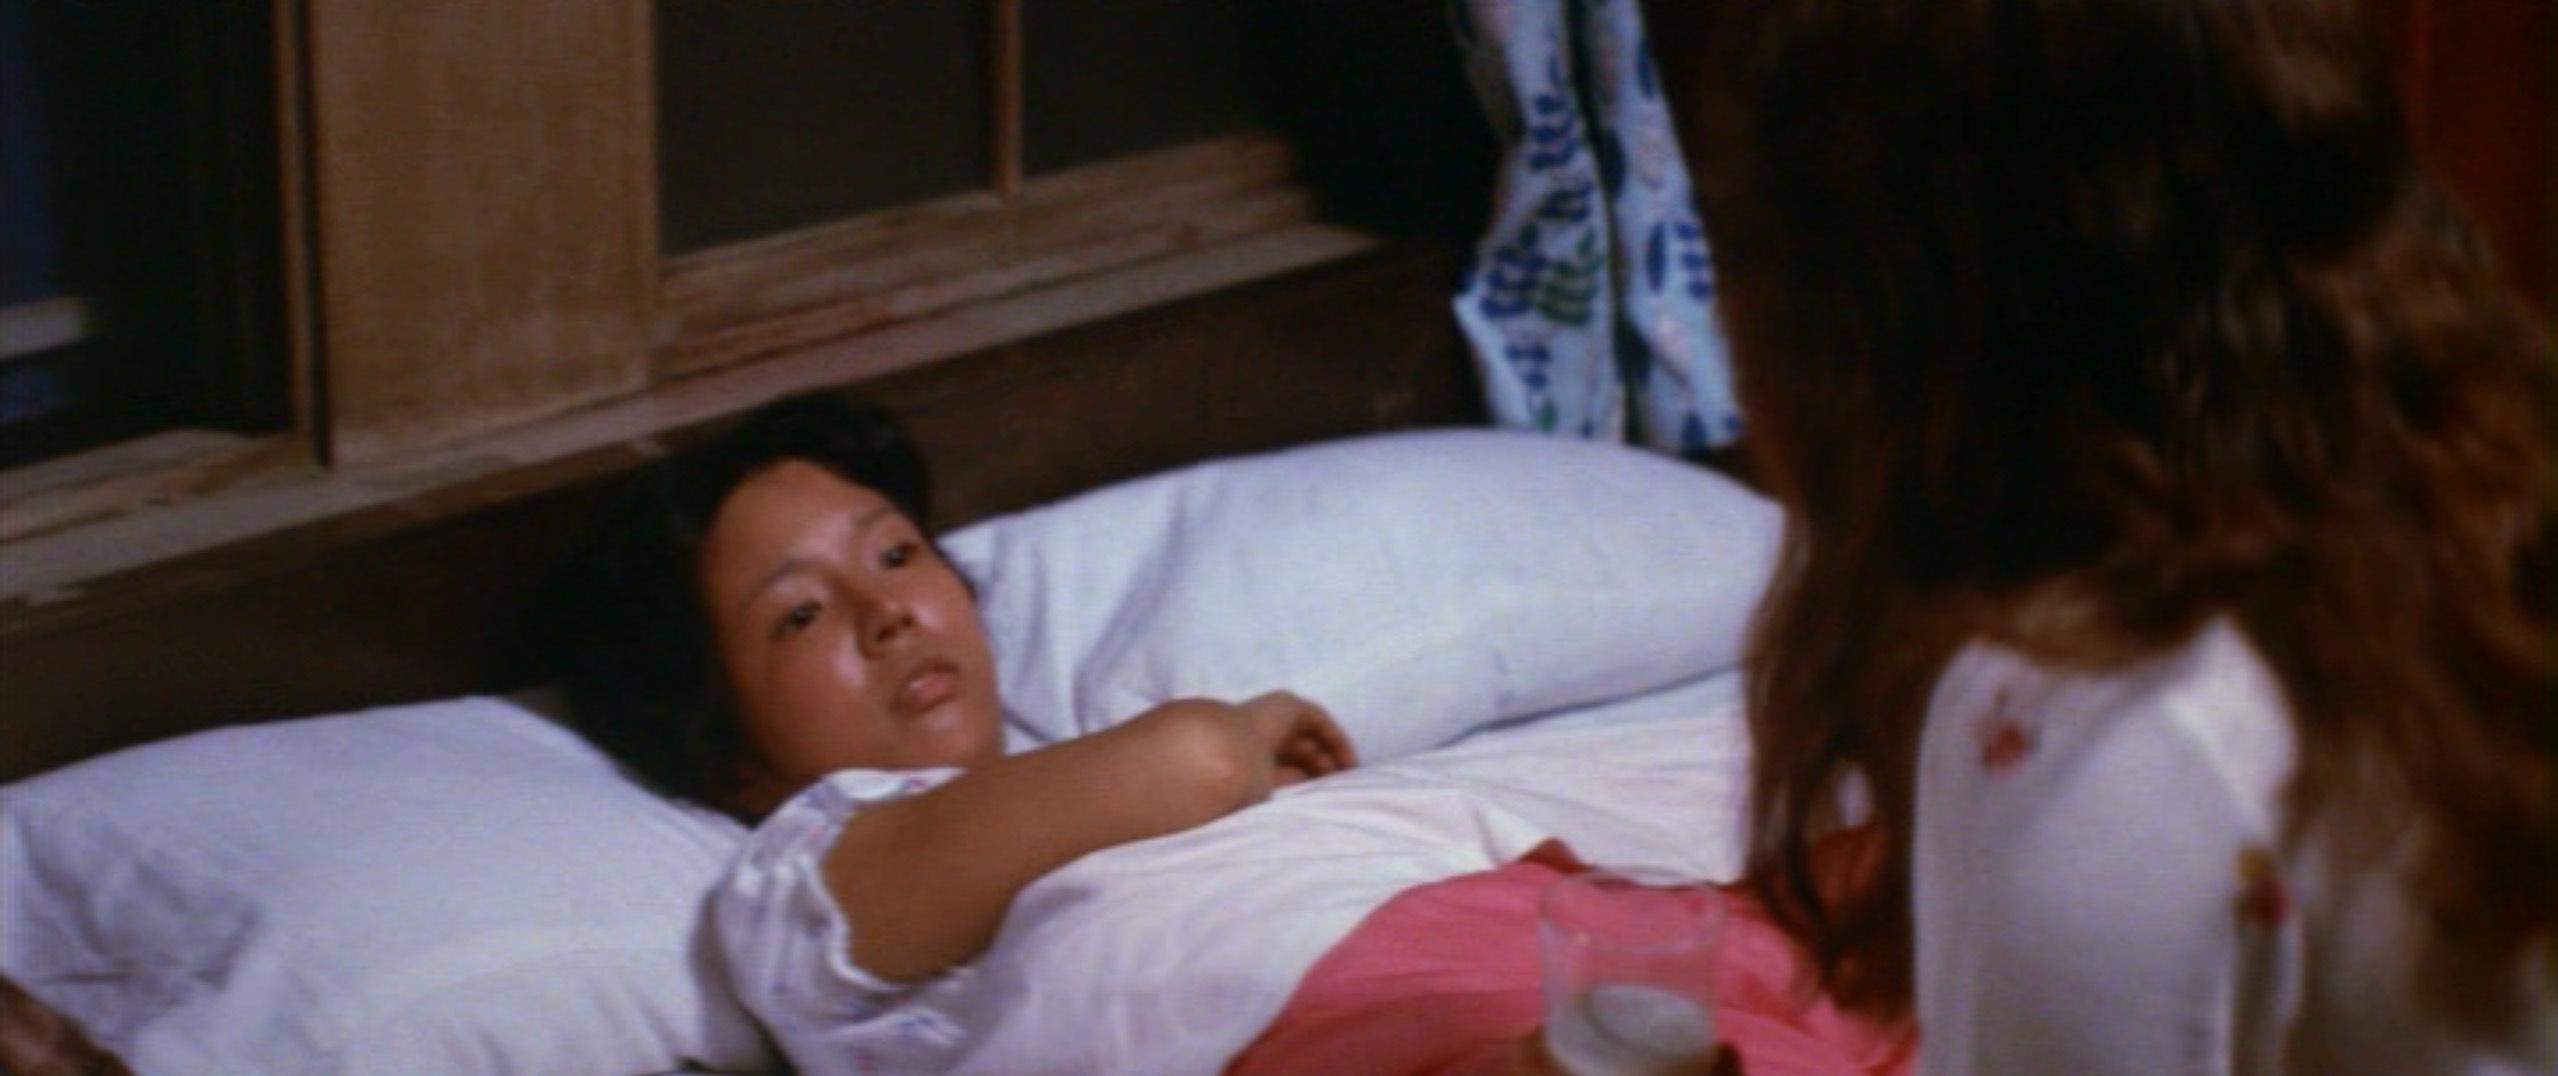 市毛良枝(Yoshie Ichige)「混血児リカ ハマぐれ子守唄」(1973)・・・《前半》_e0042361_20460206.jpg